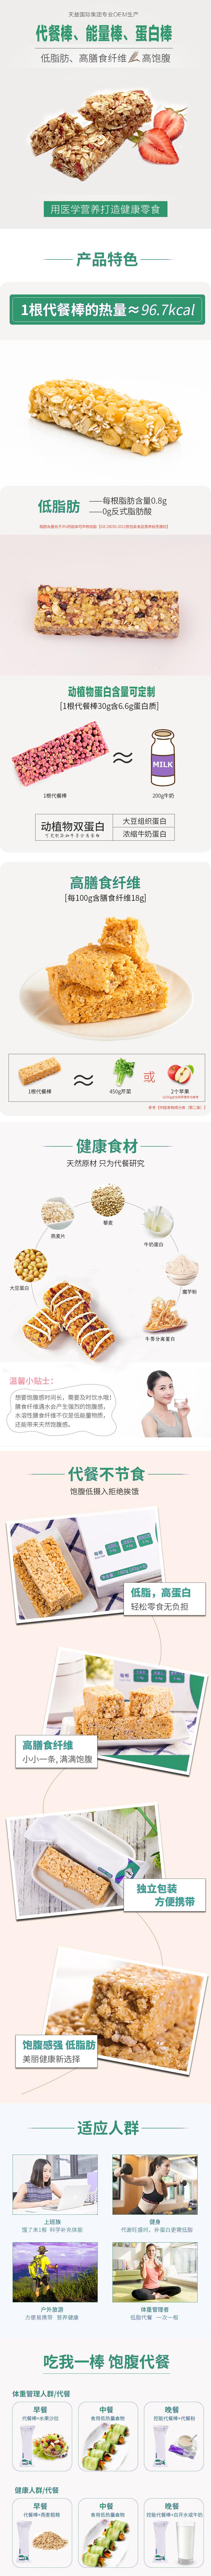 代餐棒oem,能量棒odm,蛋白棒贴牌,专业承接代餐棒系列代加工示例图1